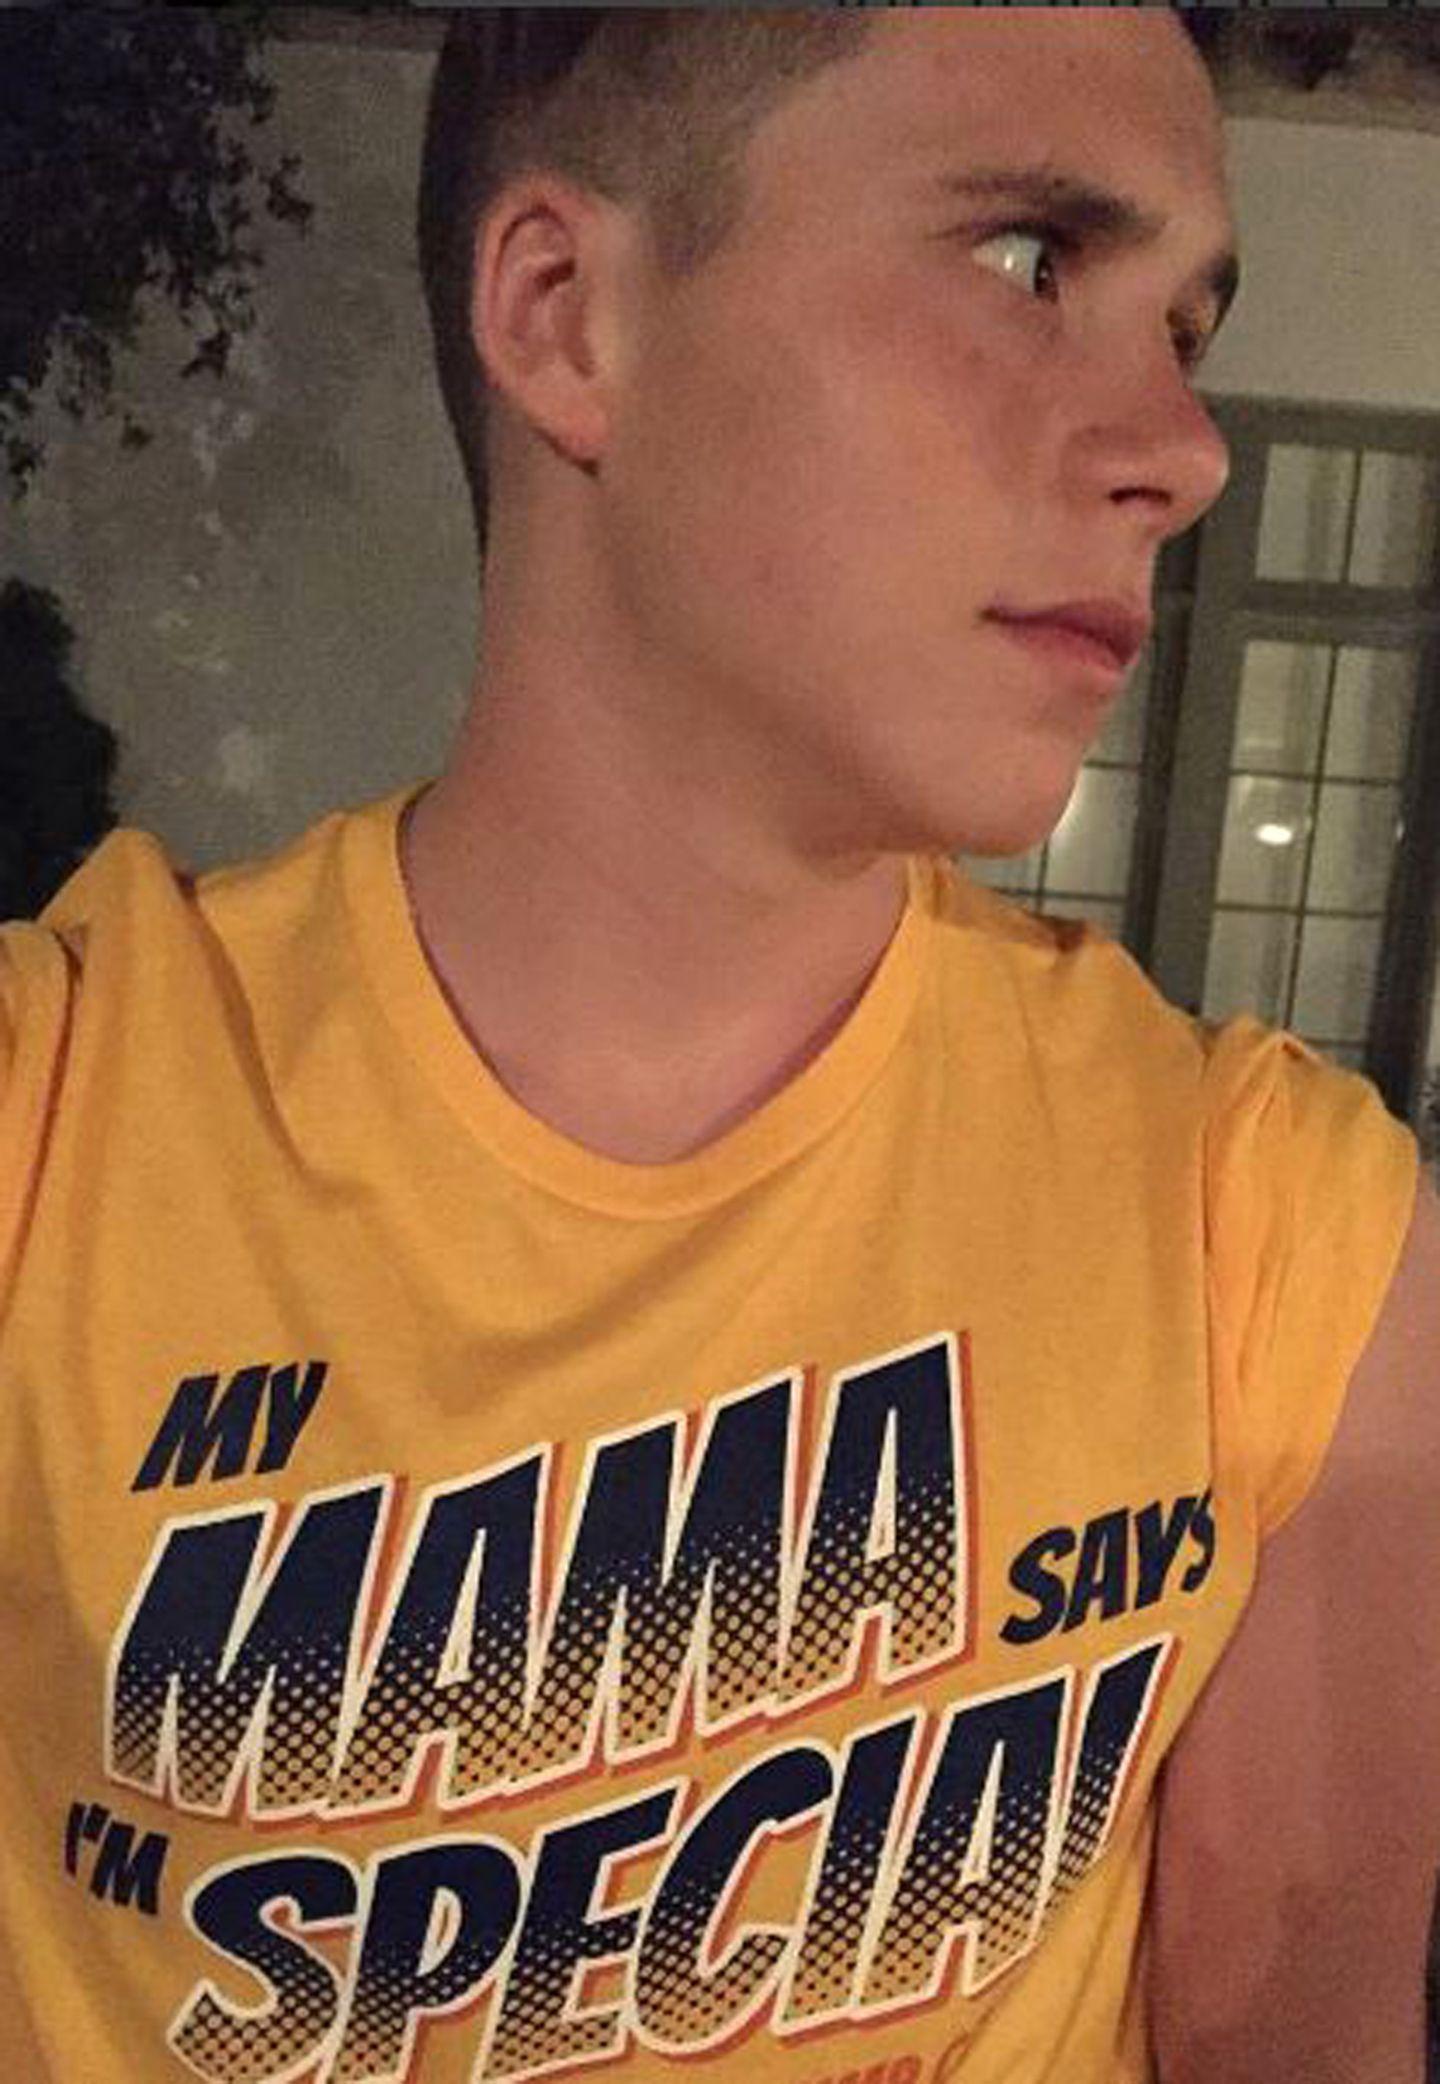 """So richtig begeistert scheint Brooklyn Beckham von seinem Slogan-Shirt nicht zu sein. """"Mama sagt, ich bin besonders"""" steht auf dem gelben Oberteil, das ihm ganz offensichtlich die stolze Mutter Victoria Beckham geschenkt hat."""